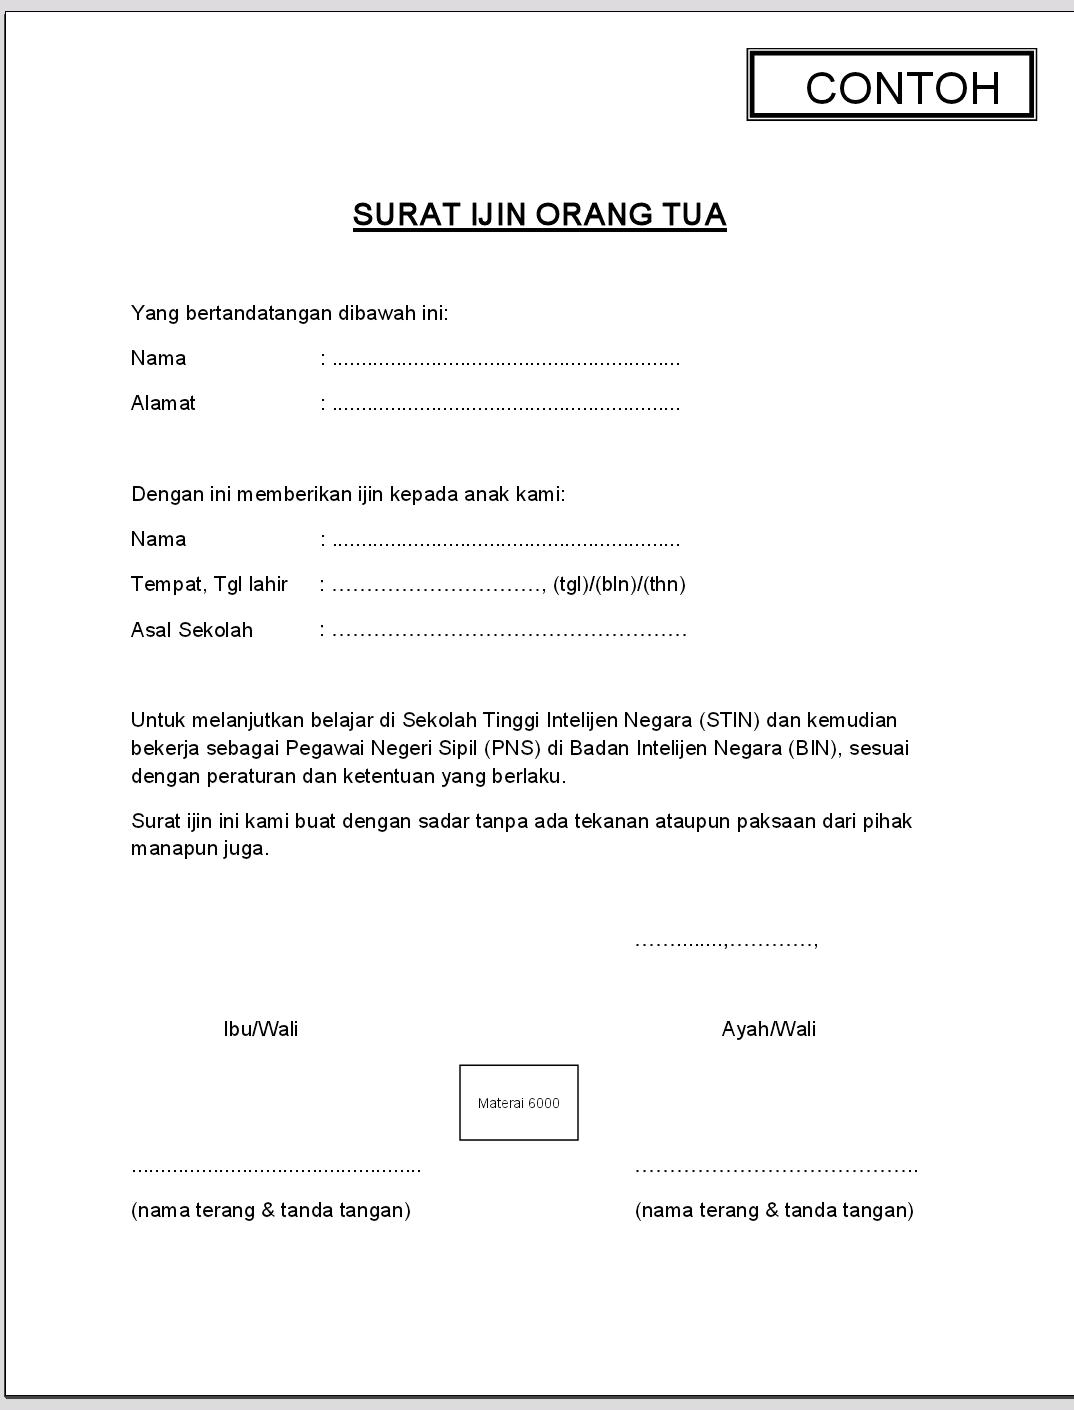 Surat Ijin Orang Tua ~ KuliahGratisID